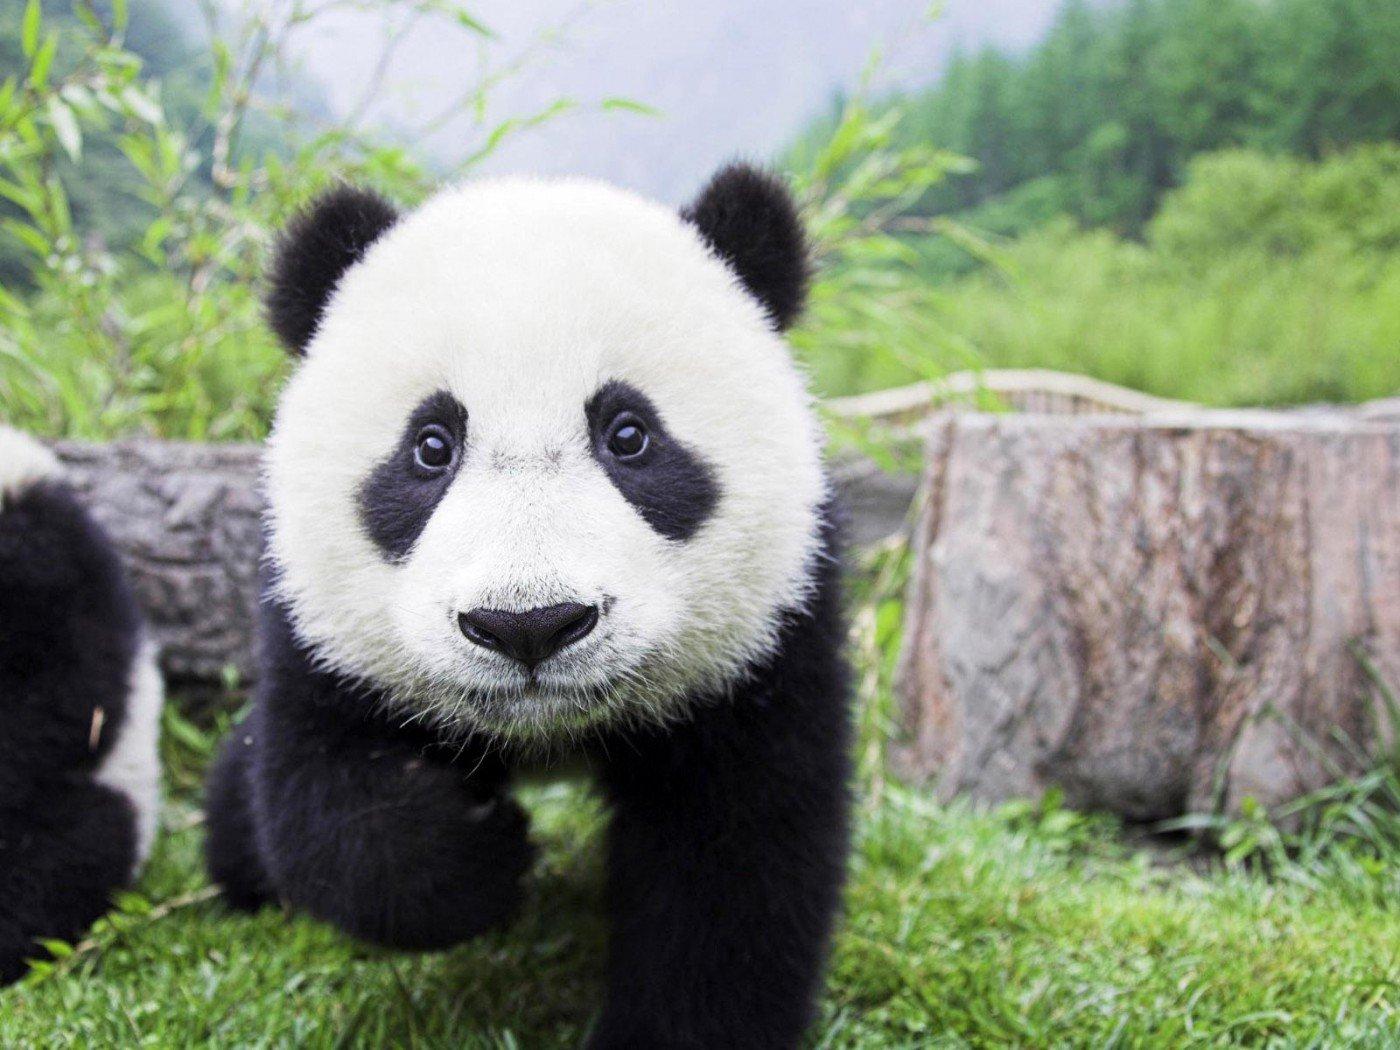 baby panda wallpaper 2 - China ofrece una estupenda oportunidad para trabajar en su país ¡Abrazando osos panda!